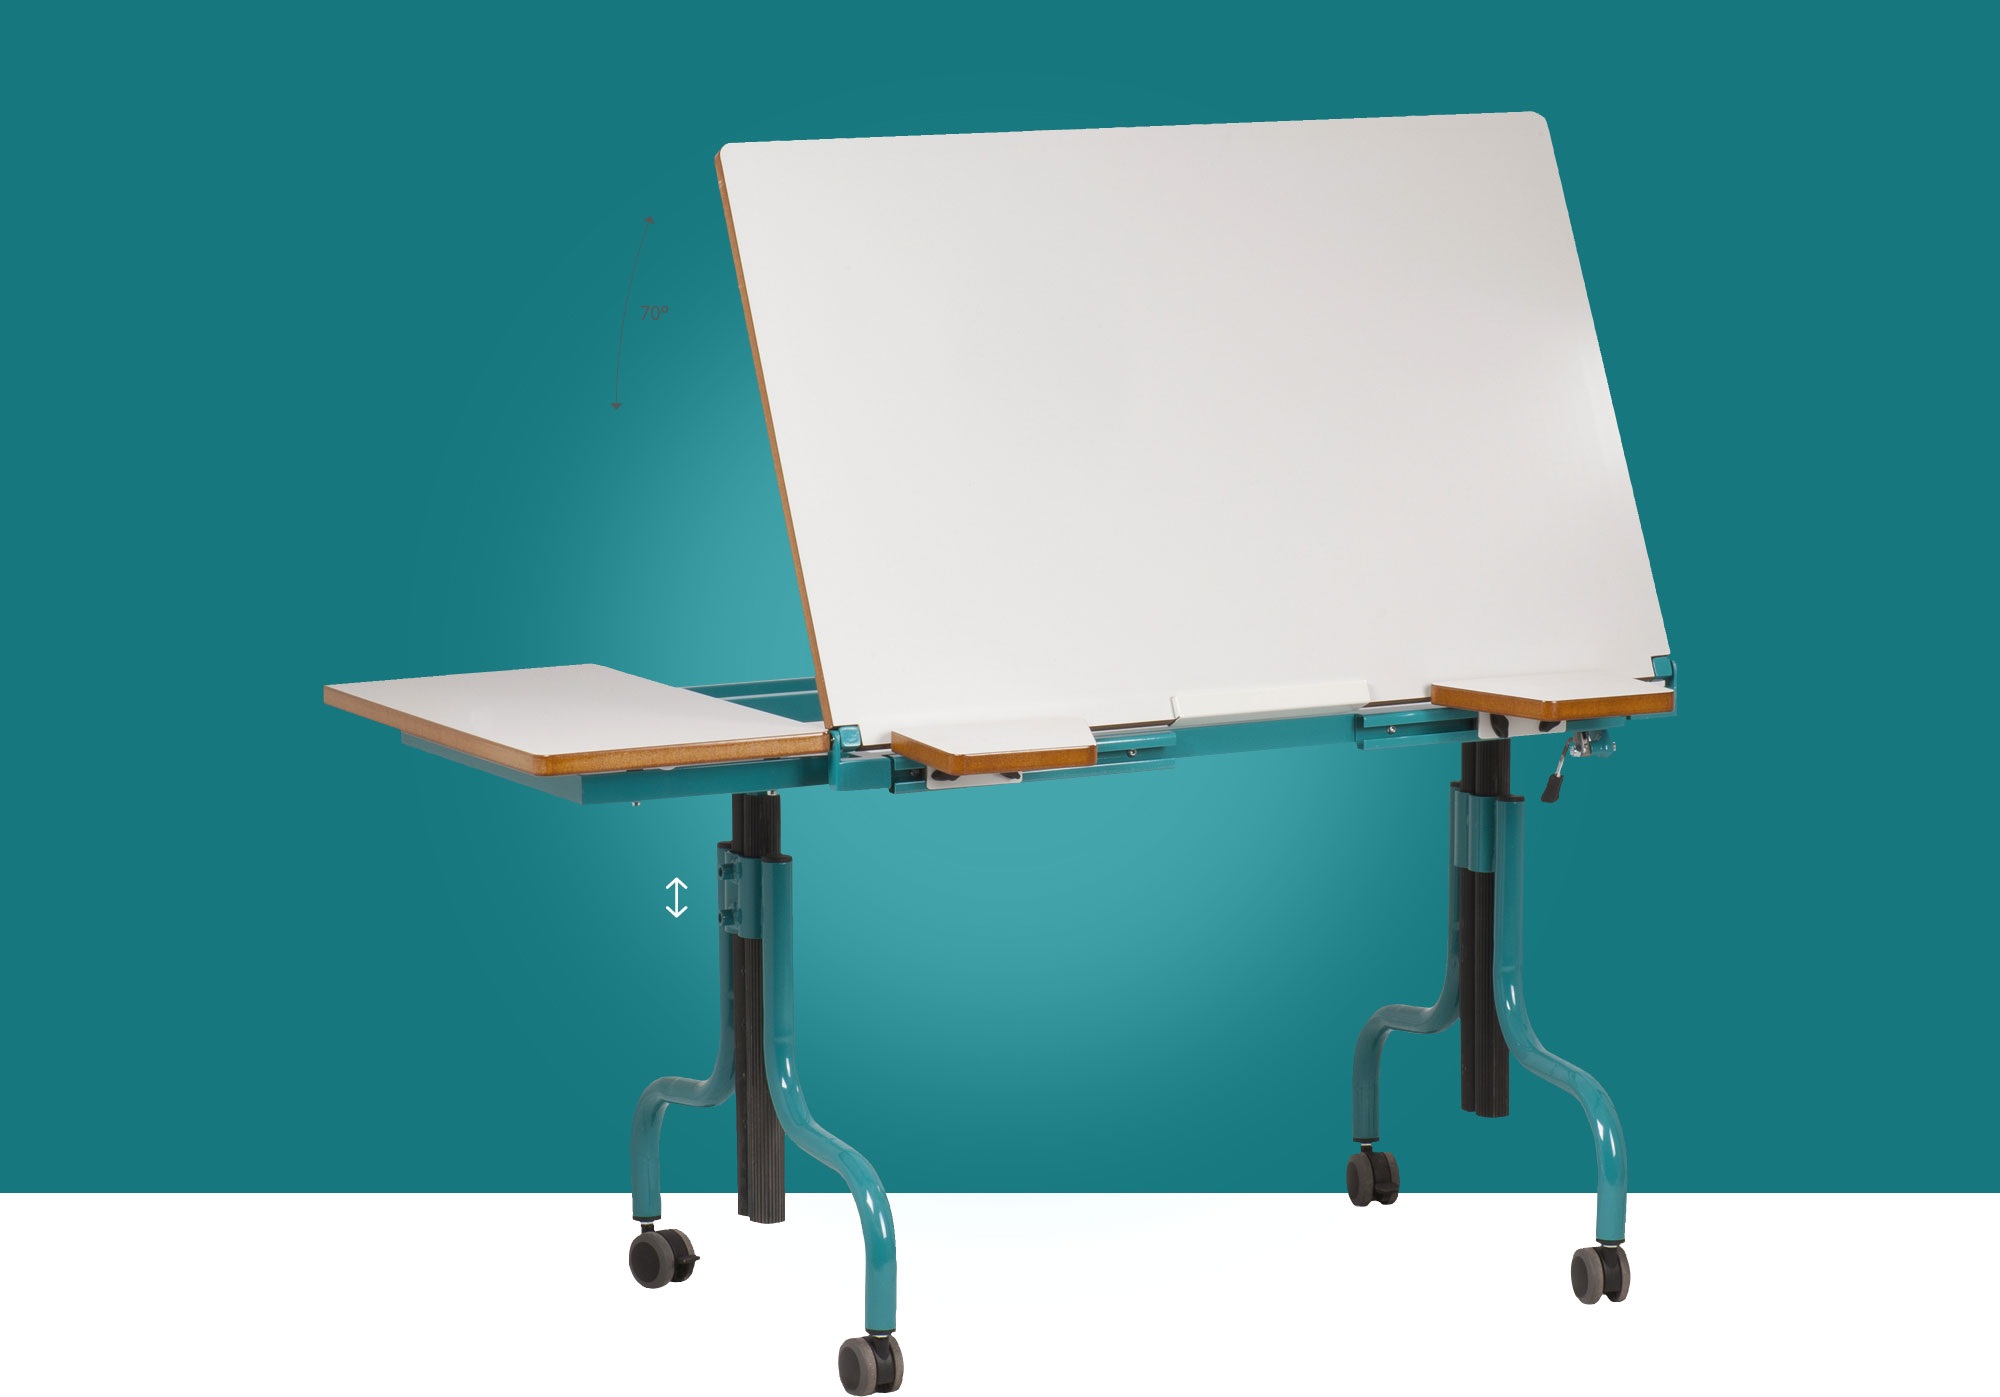 Hephaïstos mobilier ergonomique table individuelle Demeter